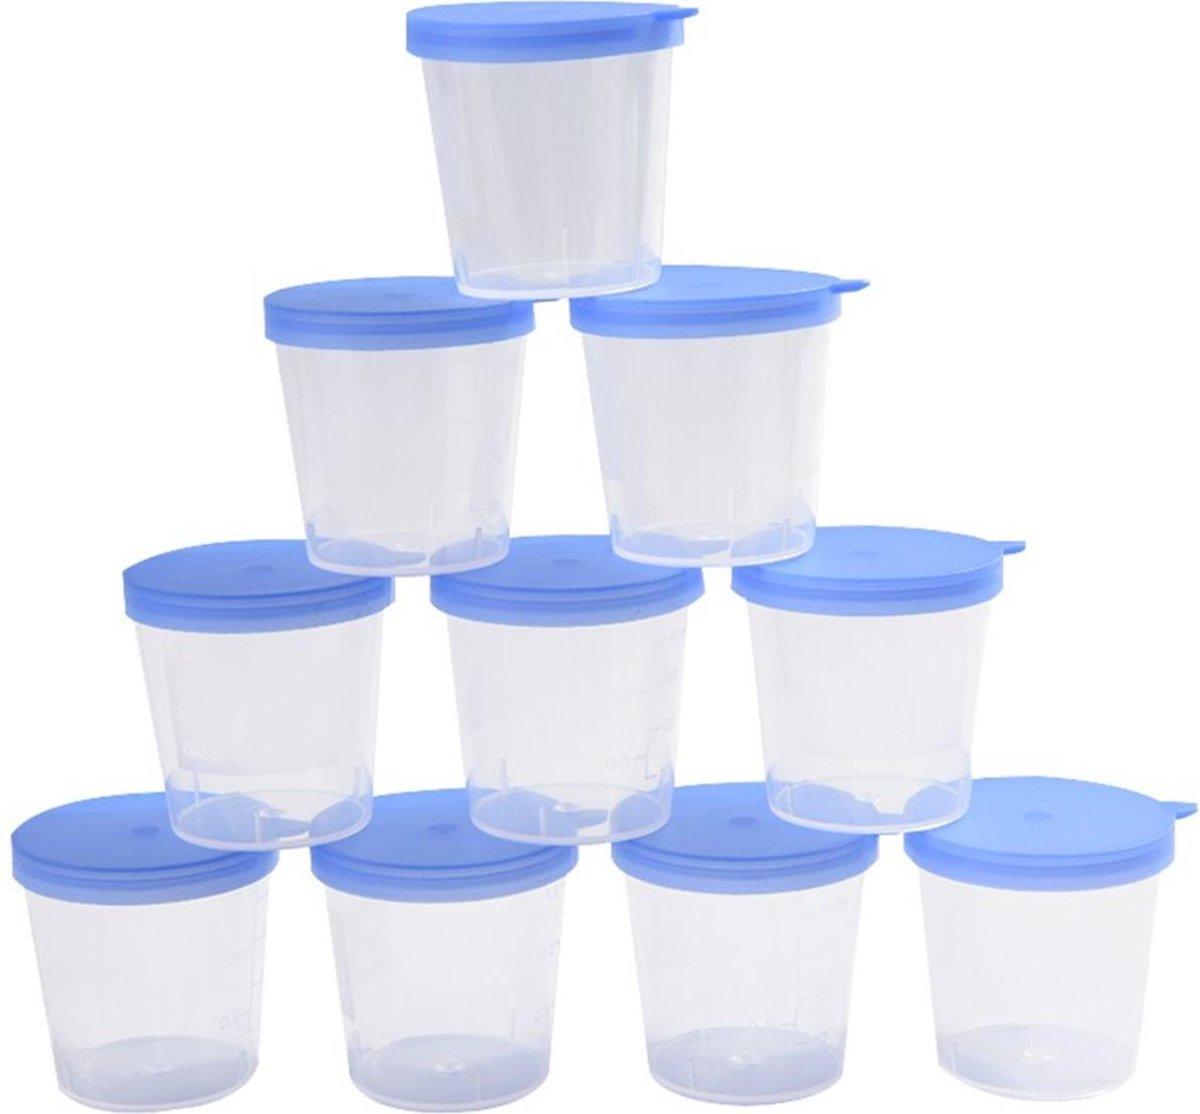 Urine Potjes   10 Stuks - Speciale Coating voor Onderzoek Urine   Vind (afwijkende) Stoffen Eenvoudi